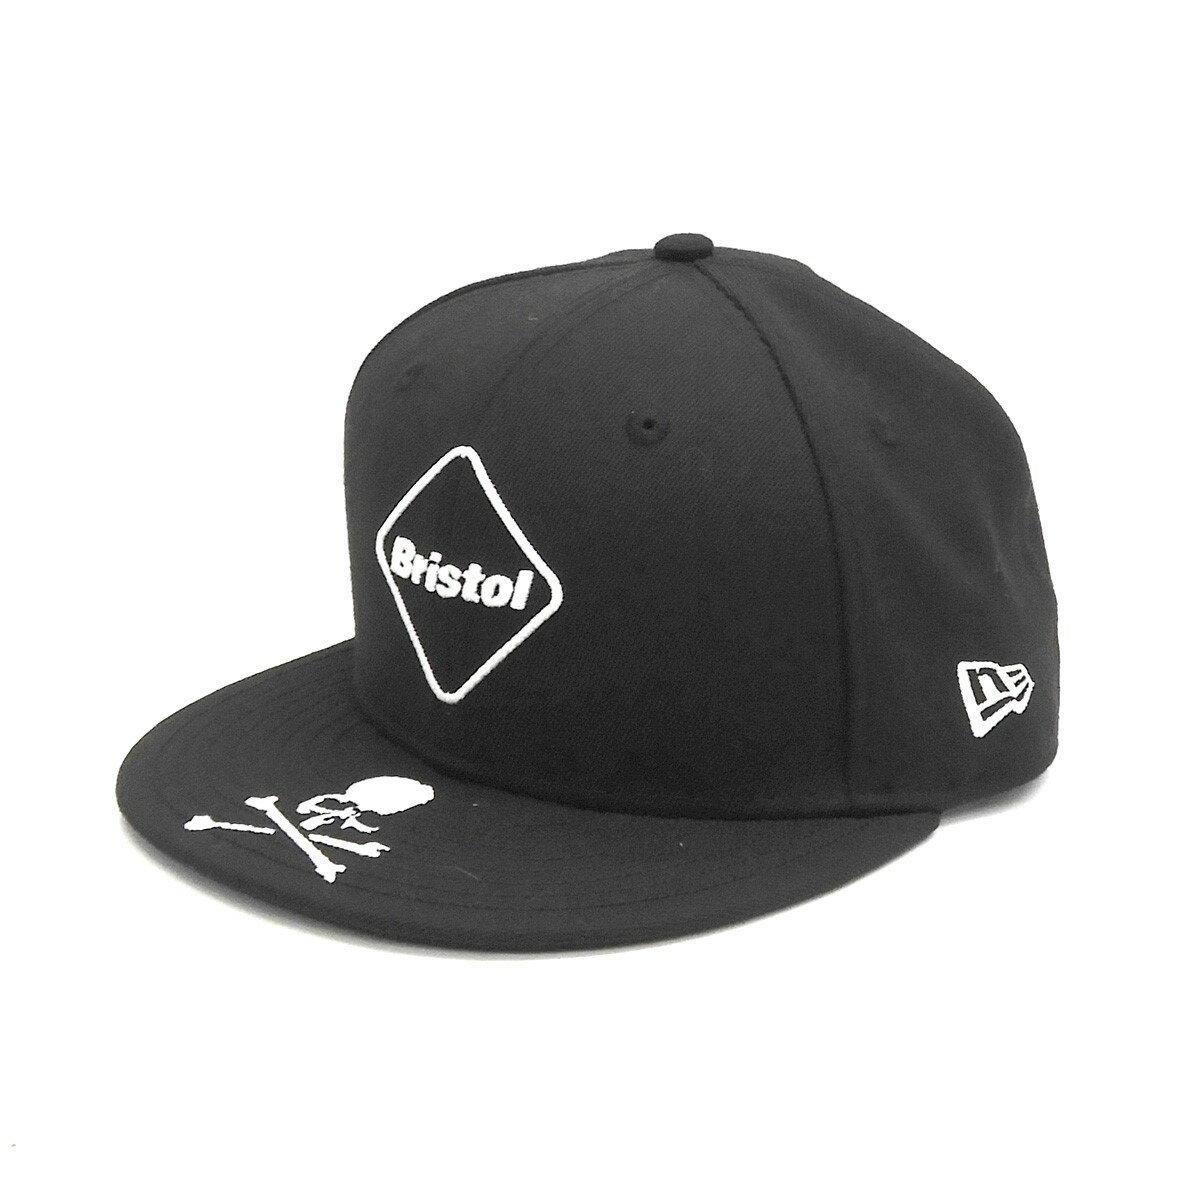 メンズ帽子, キャップ mastermind japanFCRBNEW ERA 7 14(577cm) 310820